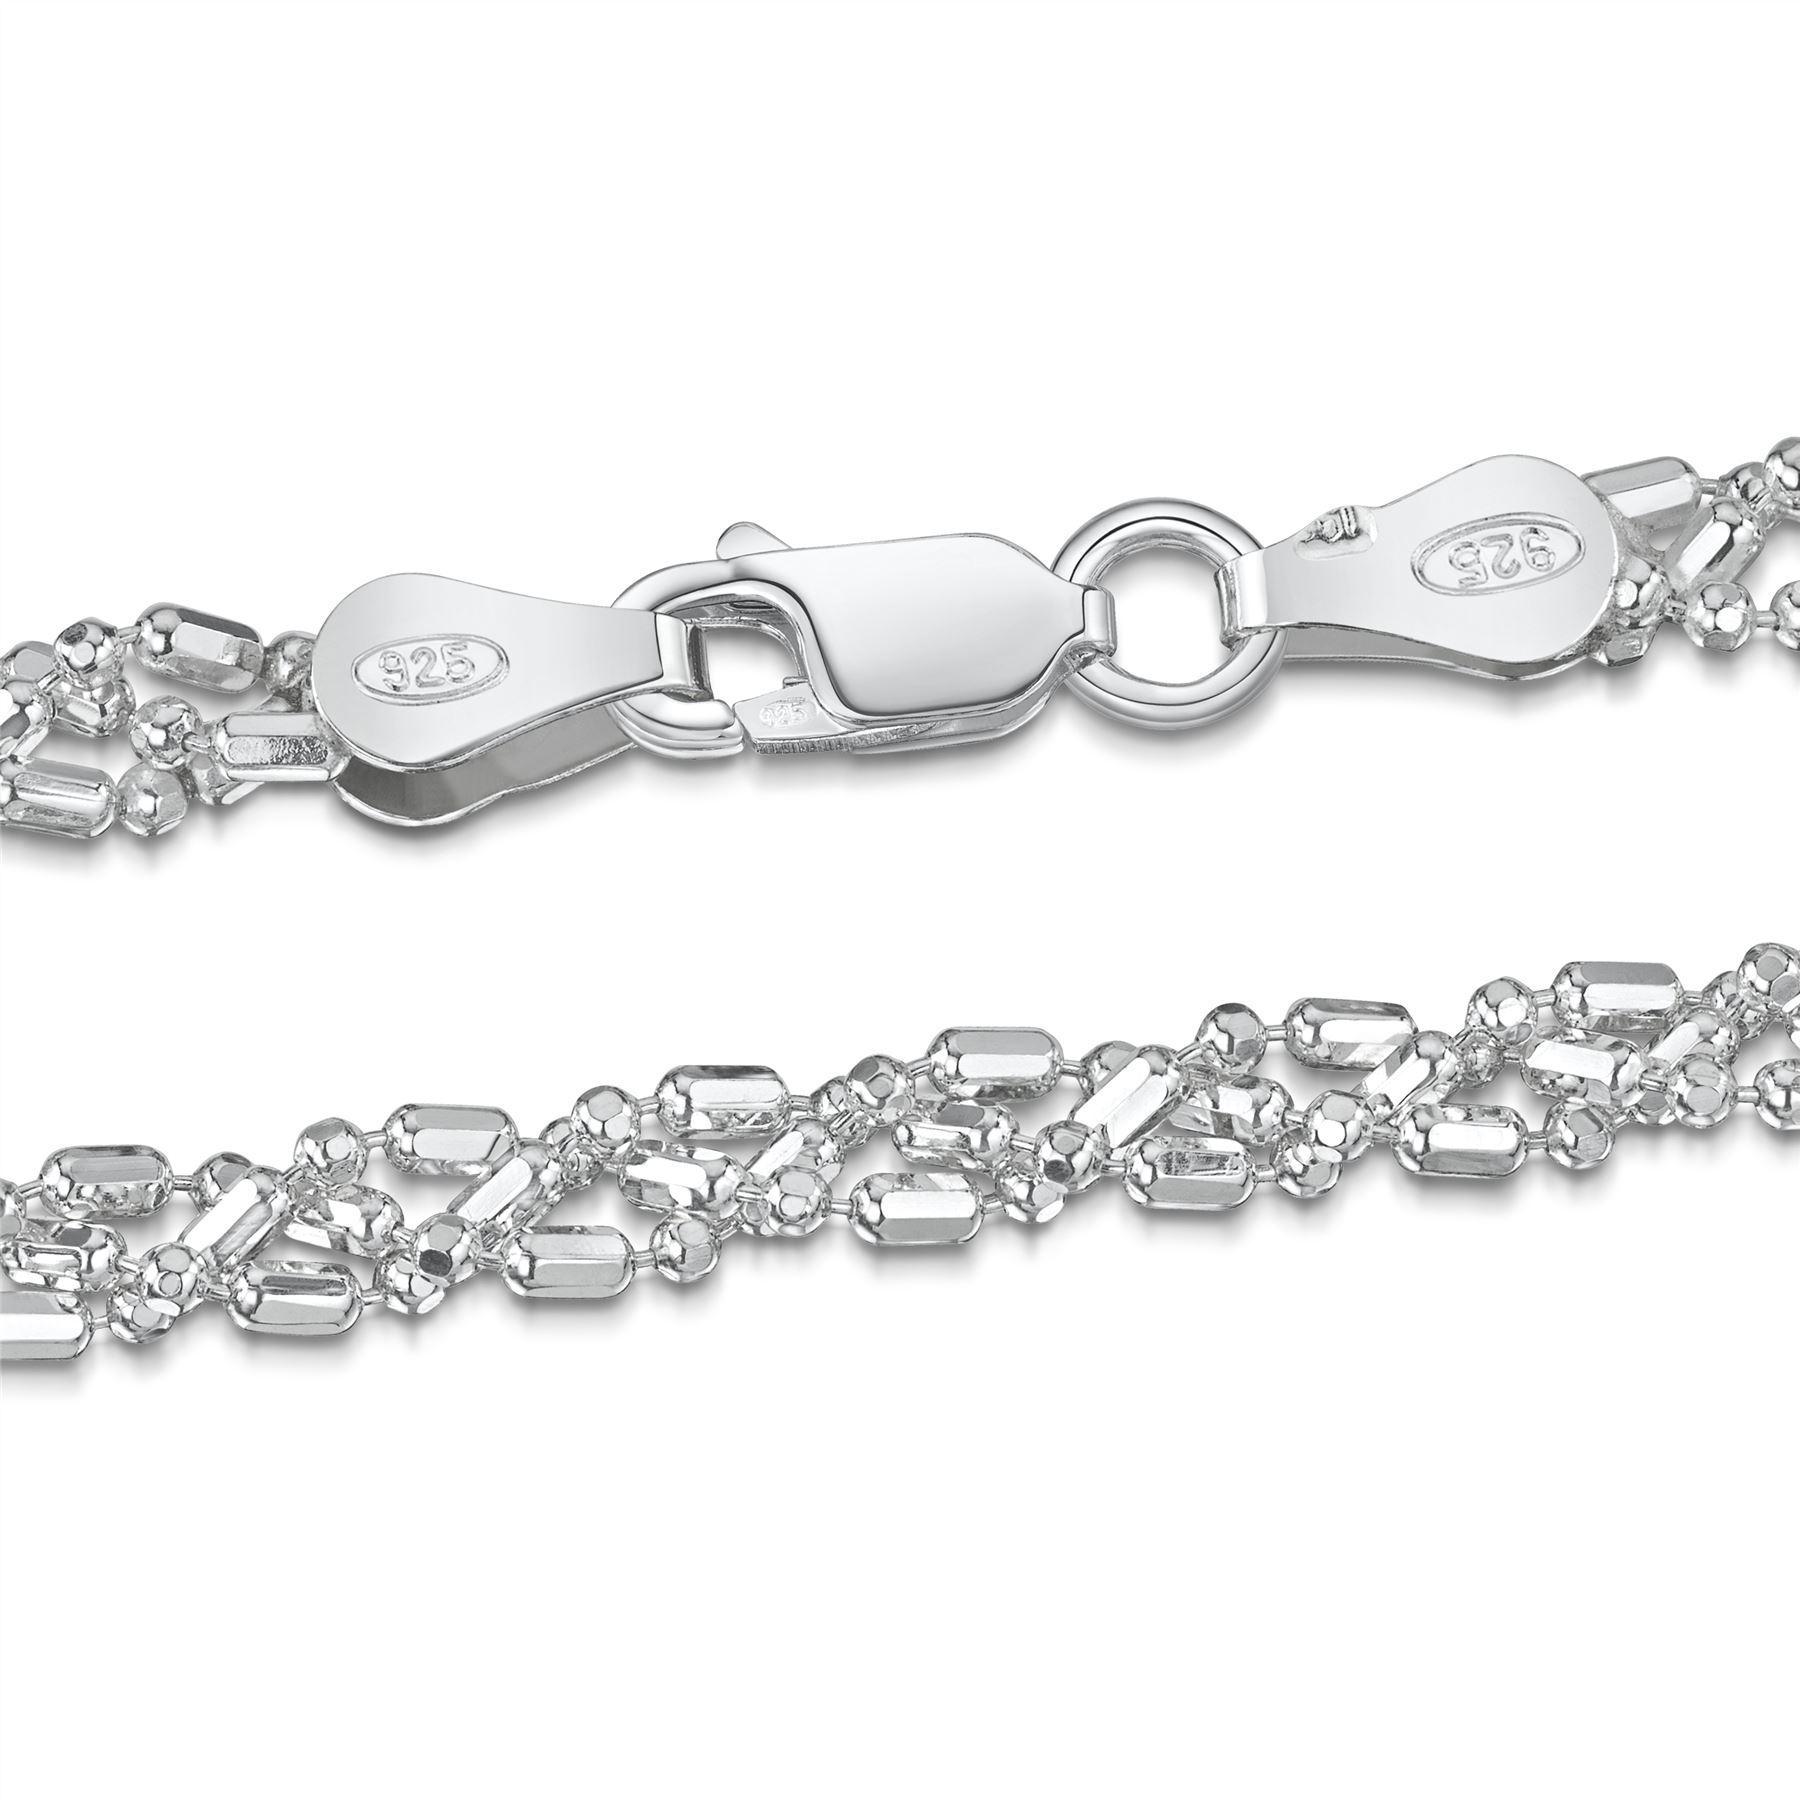 Amberta-Bijoux-Bracelet-en-Vrai-Argent-Sterling-925-Chaine-pour-Femme-a-la-Mode thumbnail 84